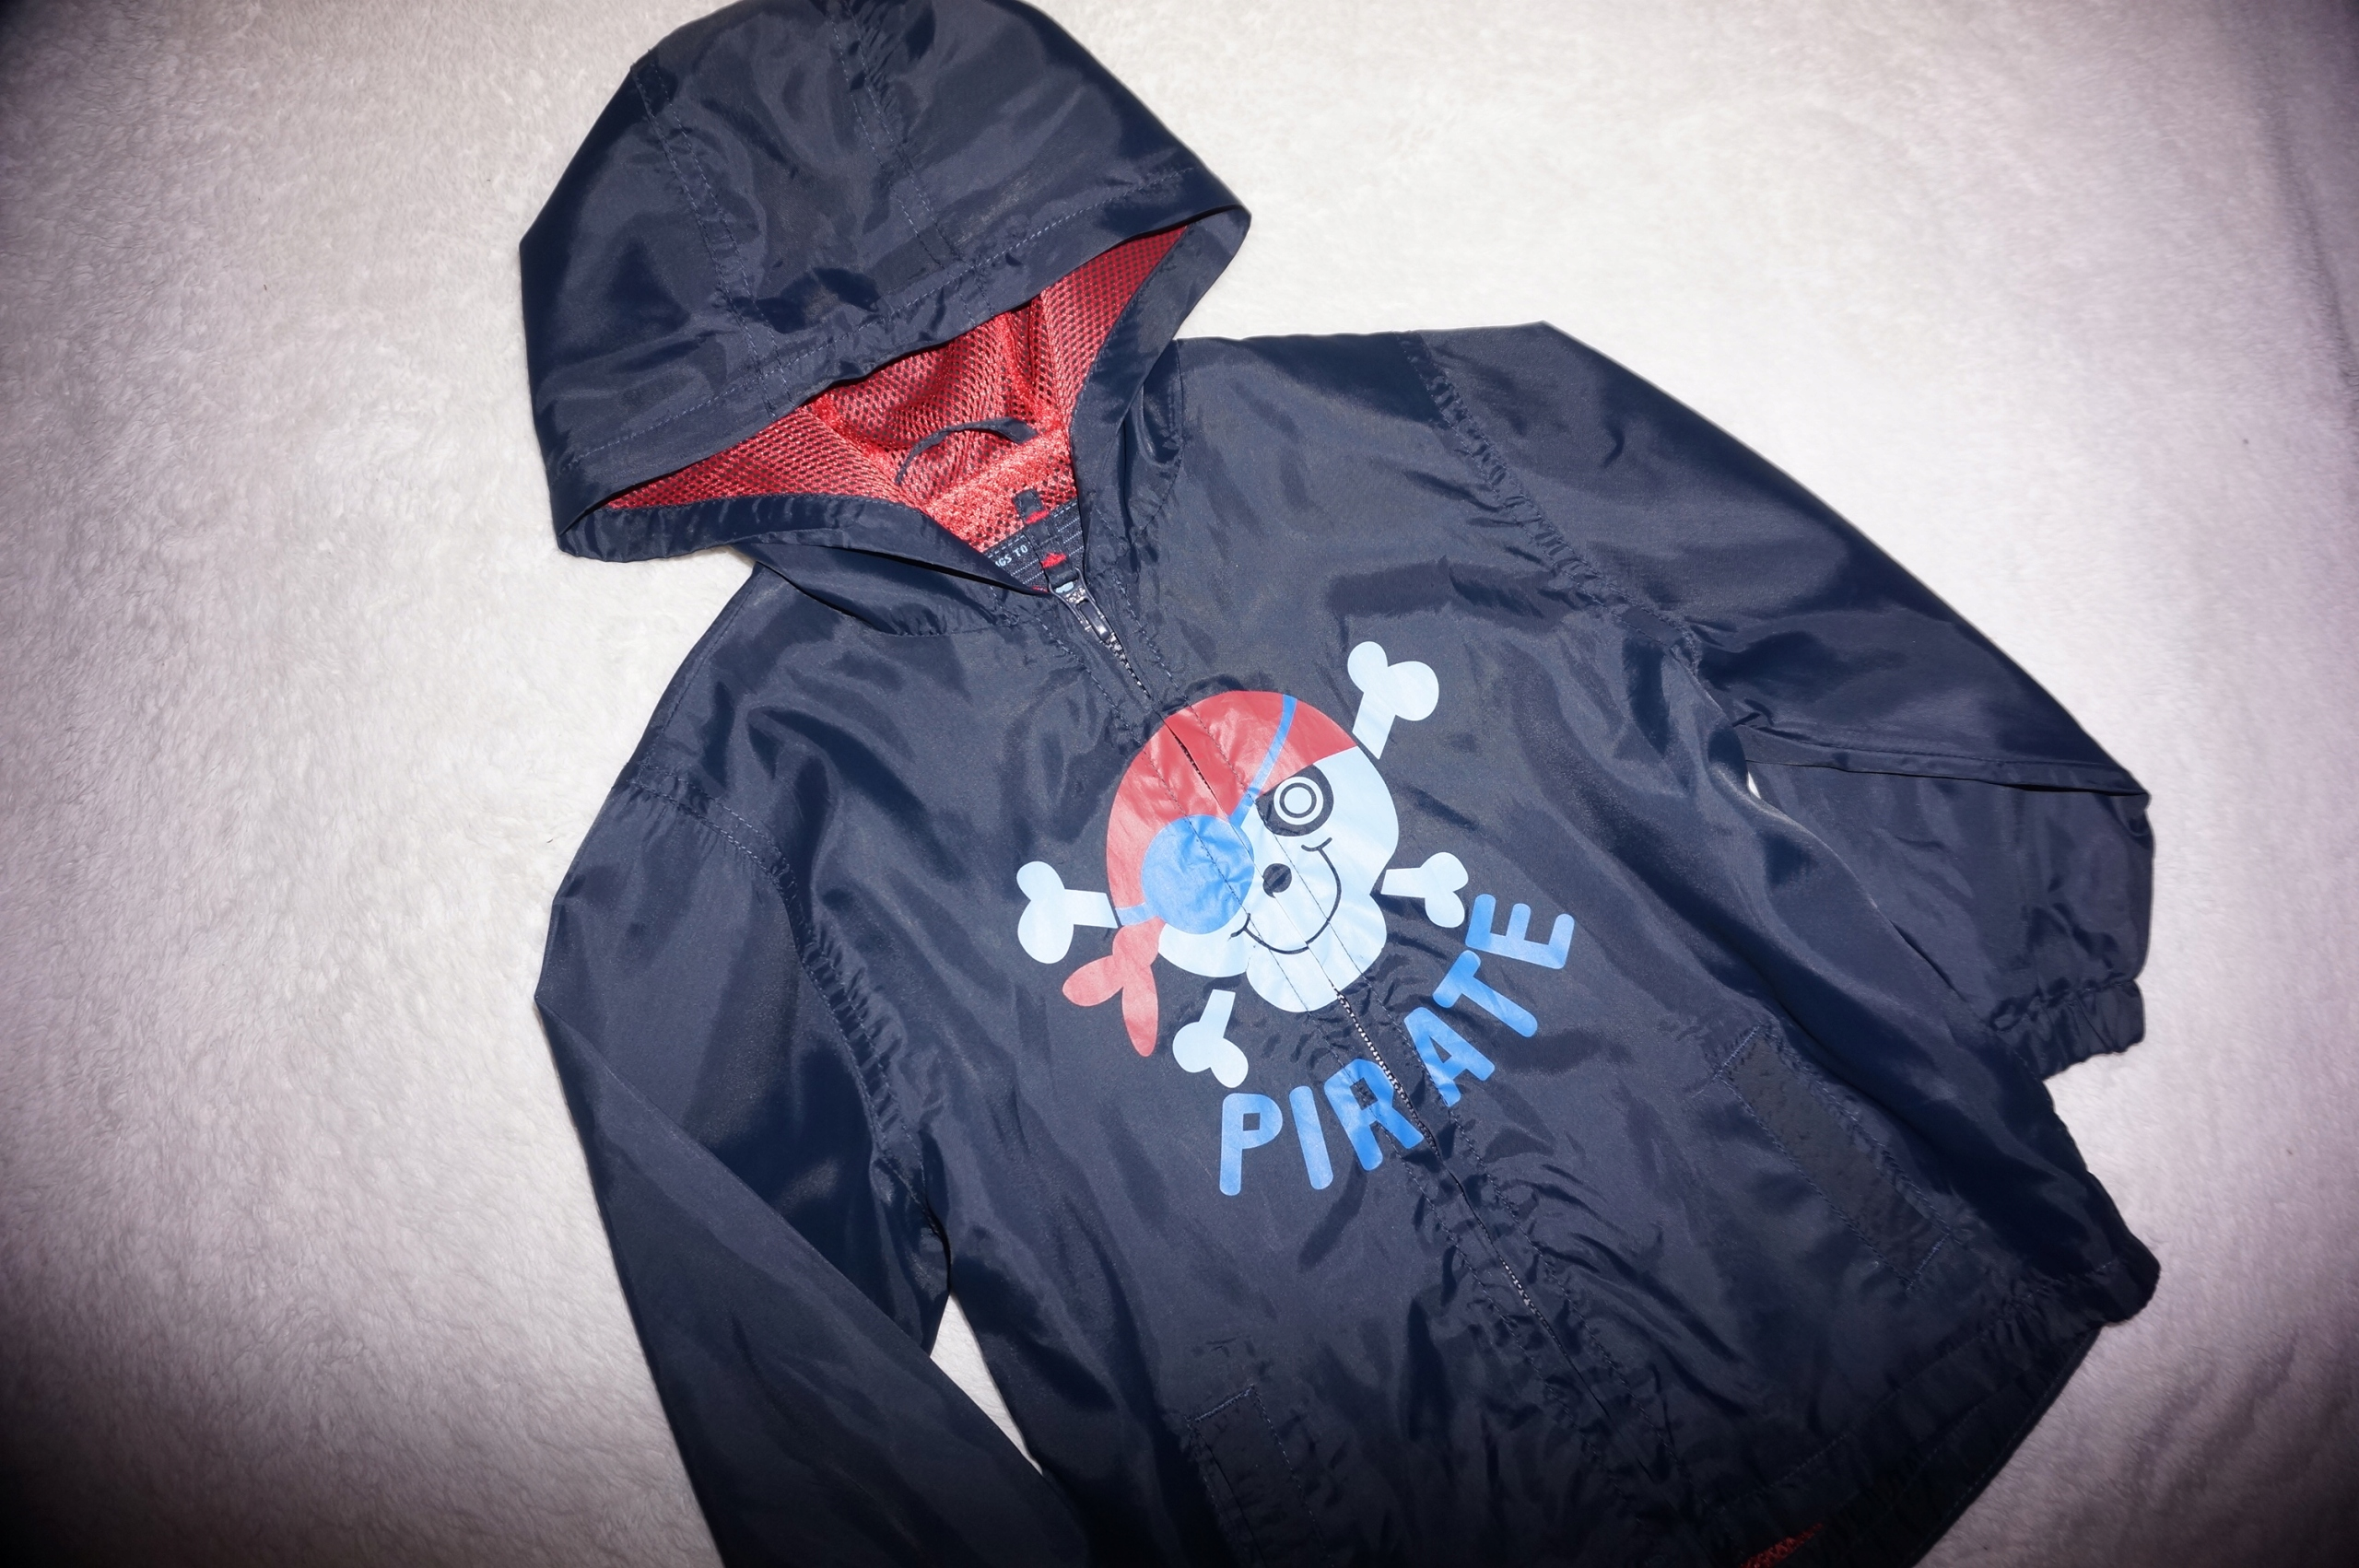 TU super KURTKA 92-98 wiatrówka granat pirat